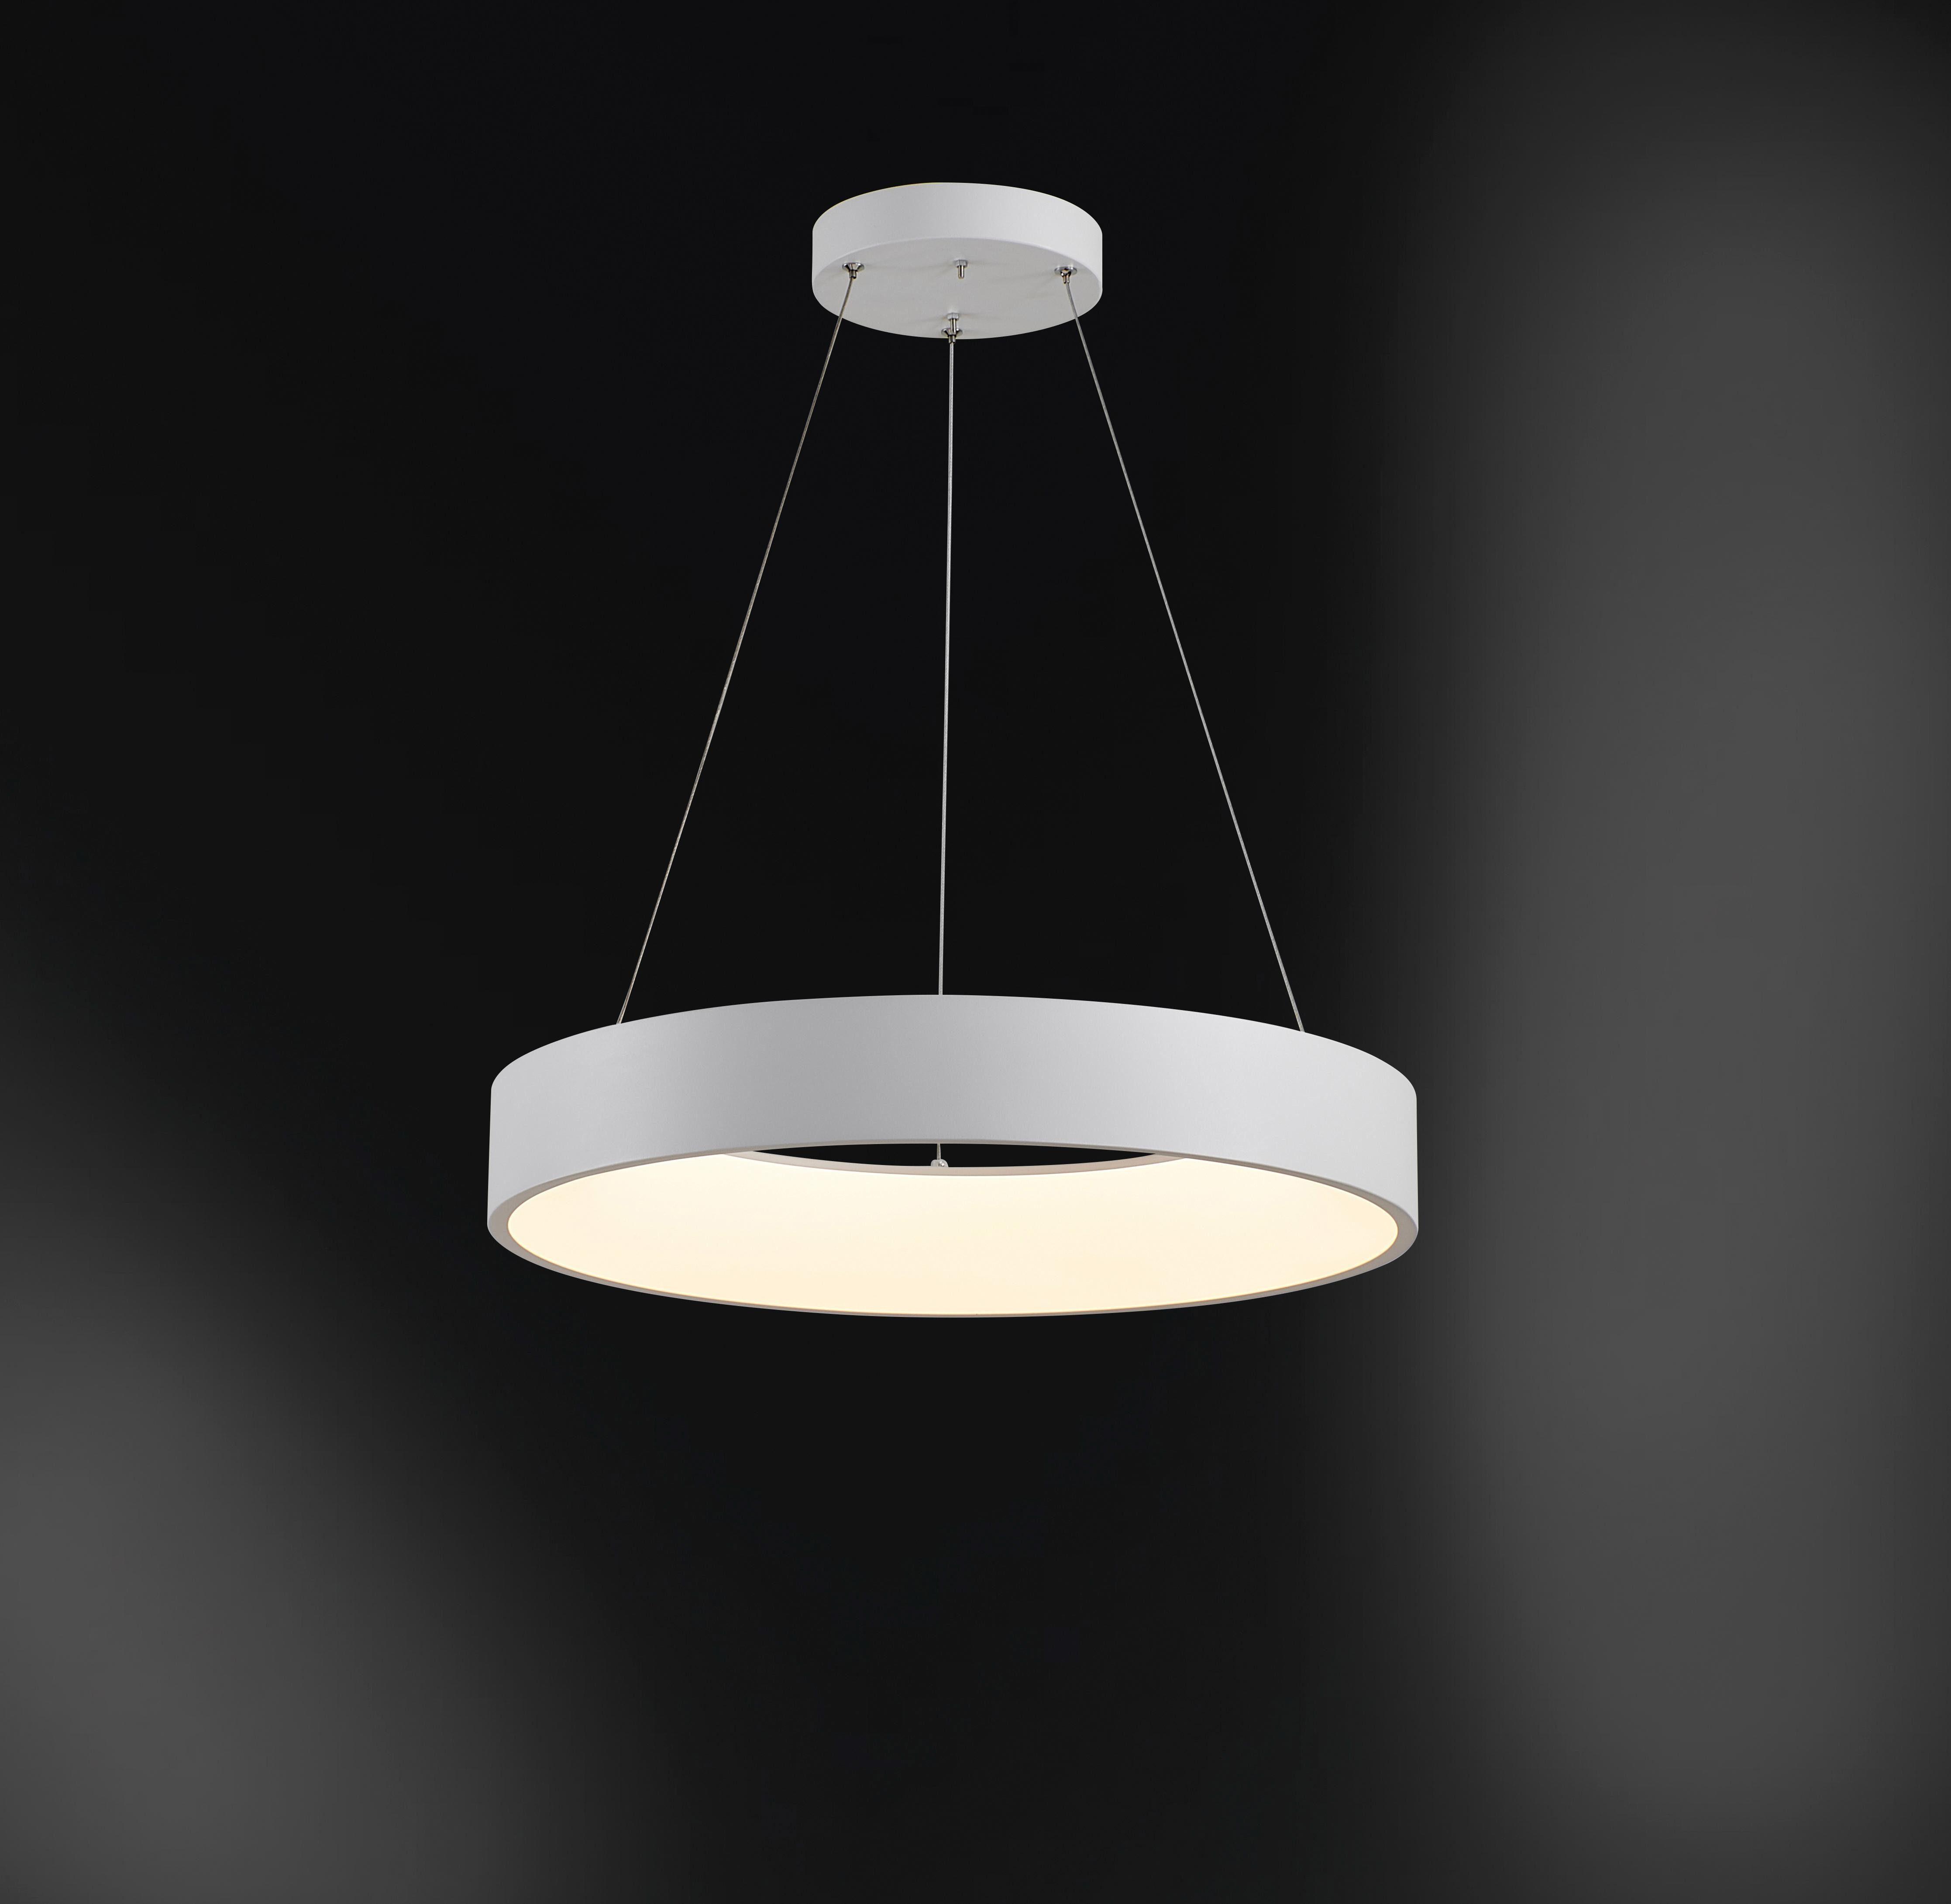 WOFI Pendelleuchte CAMERON, LED-Board, Kaltweiß, Hängeleuchte, Hängelampe